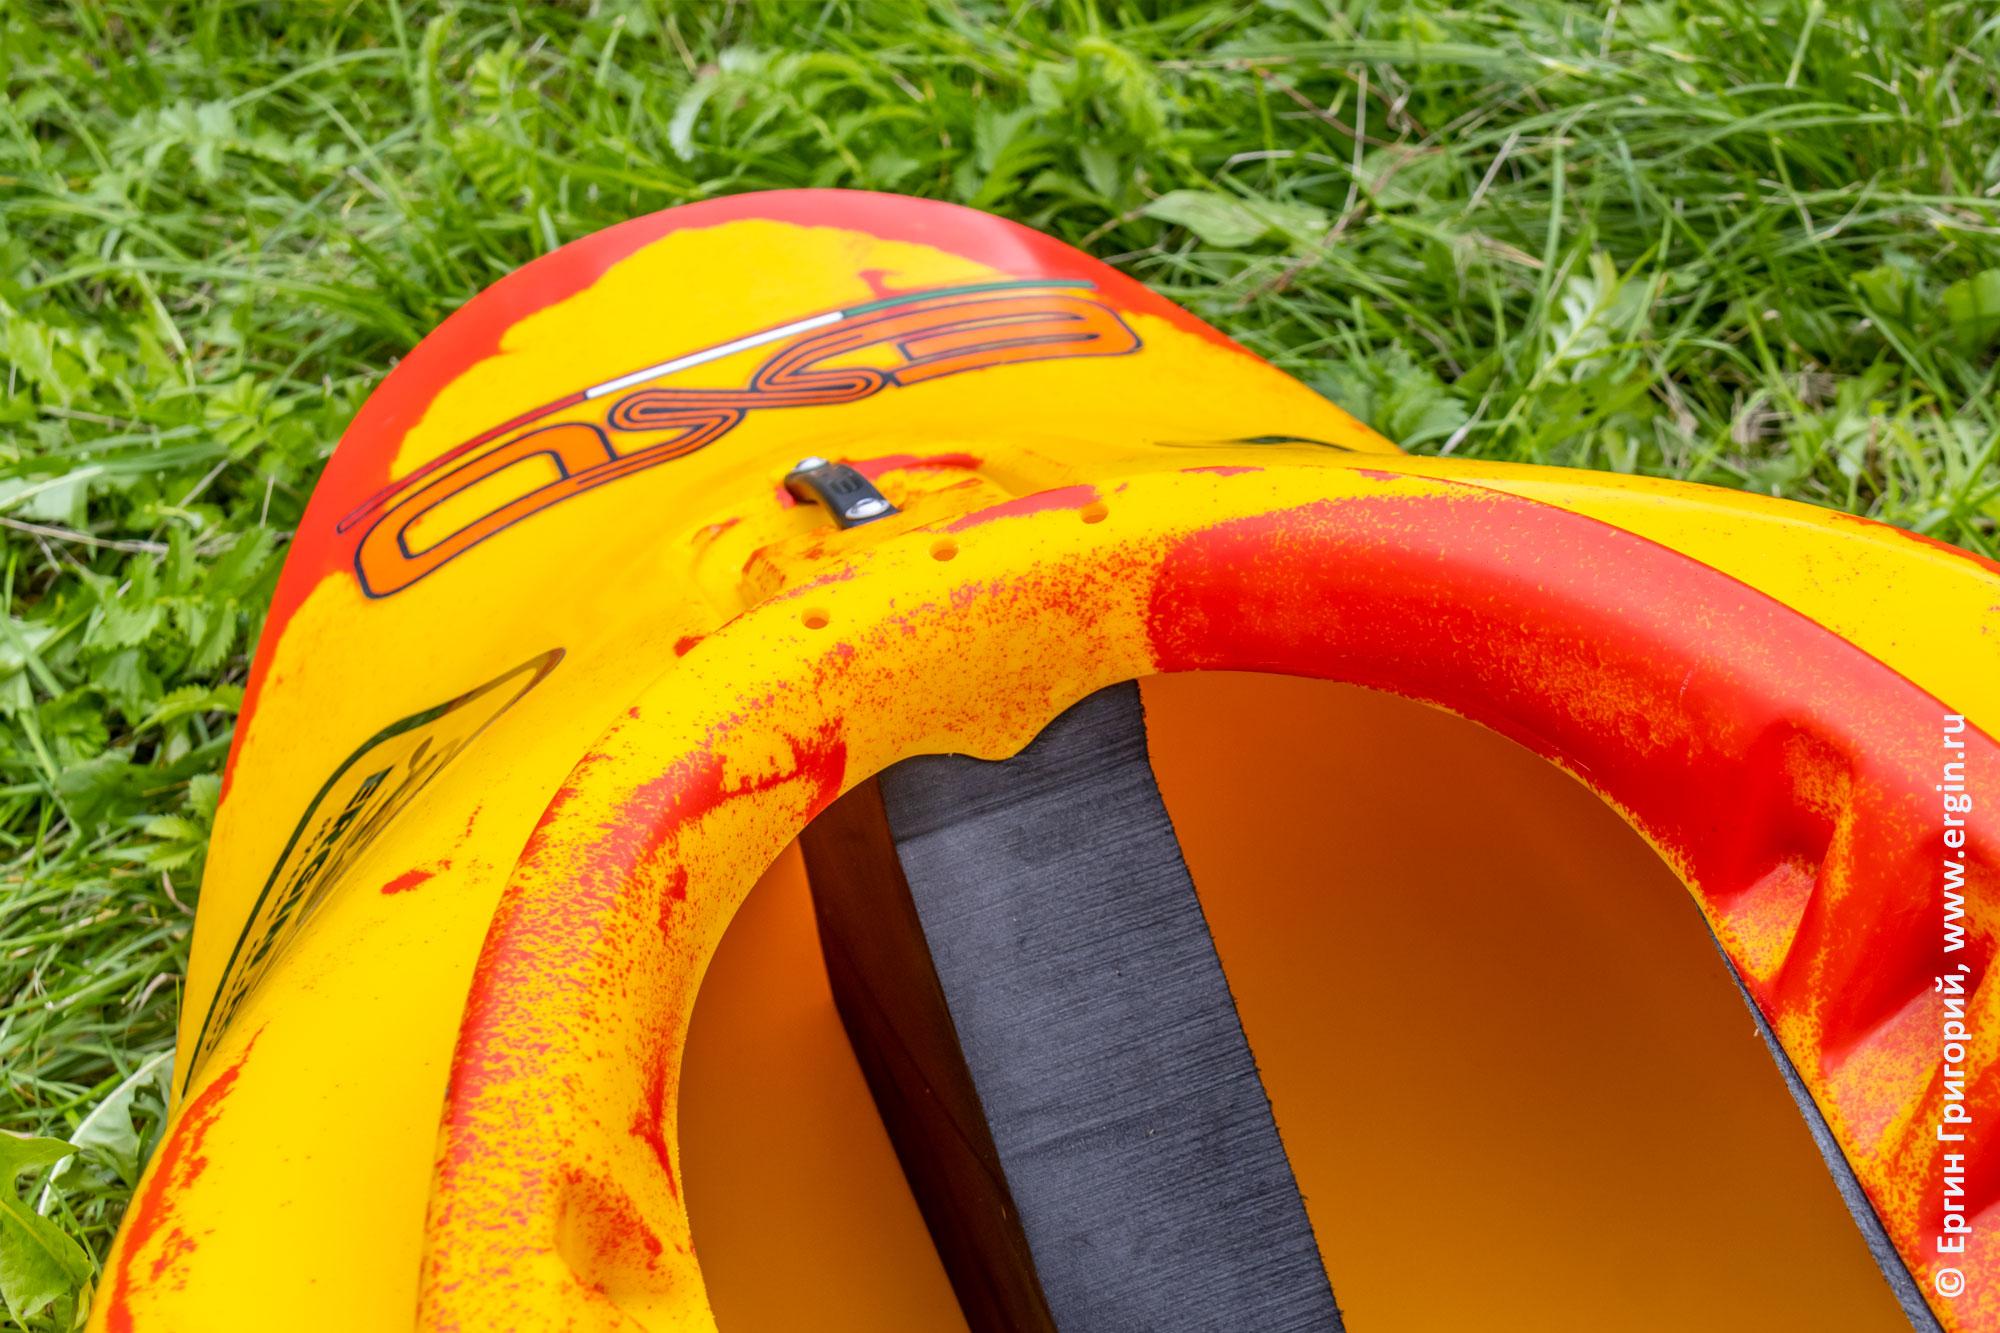 Пиллерс в носу каяка для фристайла на бурной воде EXO Guigui-prod Helixir XS